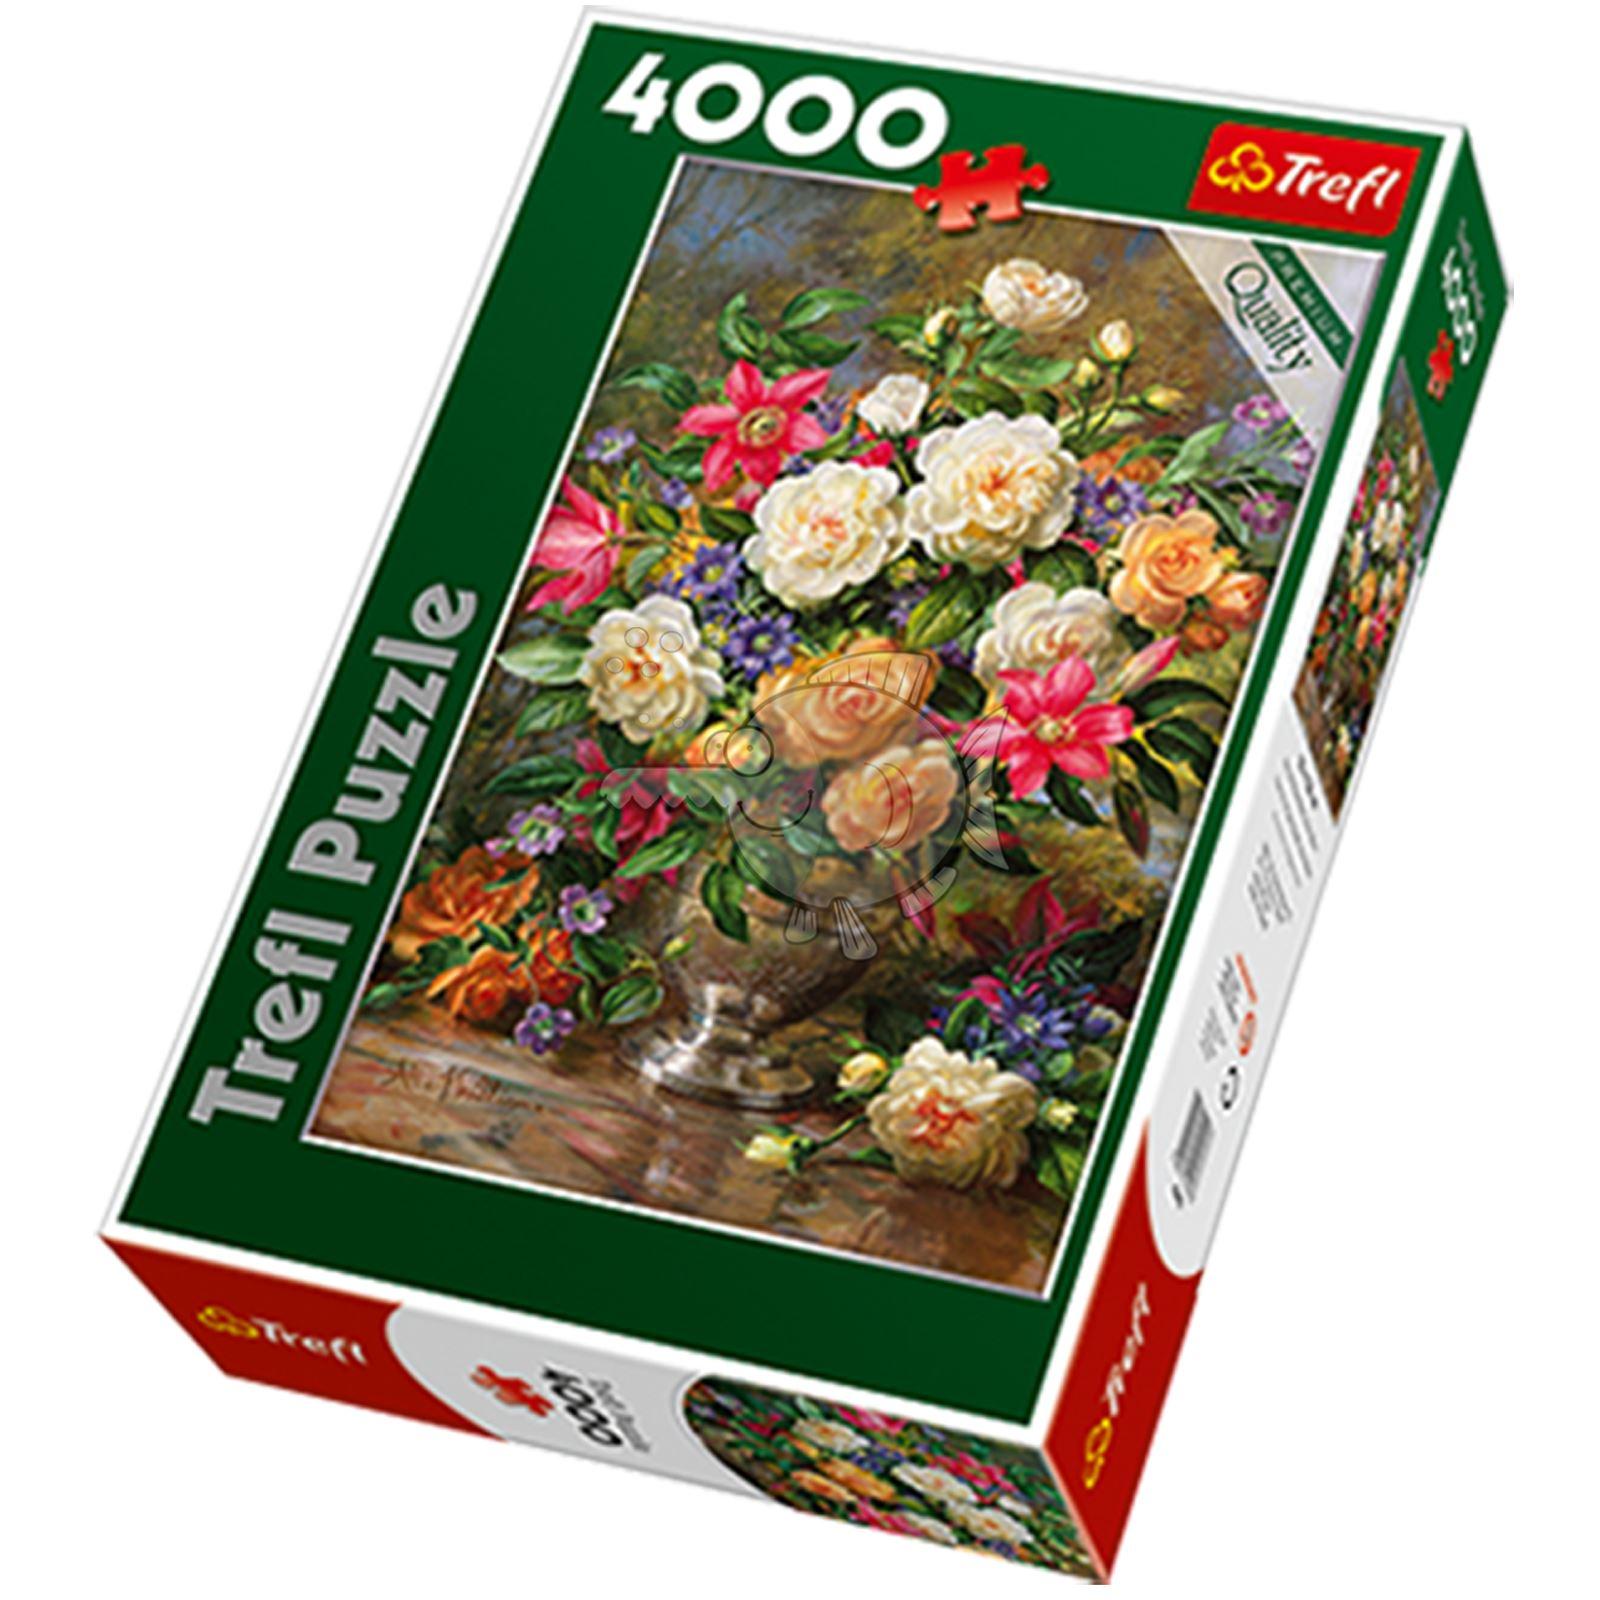 Trefl-300-500-1000-1500-2000-3000-4000-6000-Piece-Jigsaw-Puzzle-Paysages-Ville miniature 67